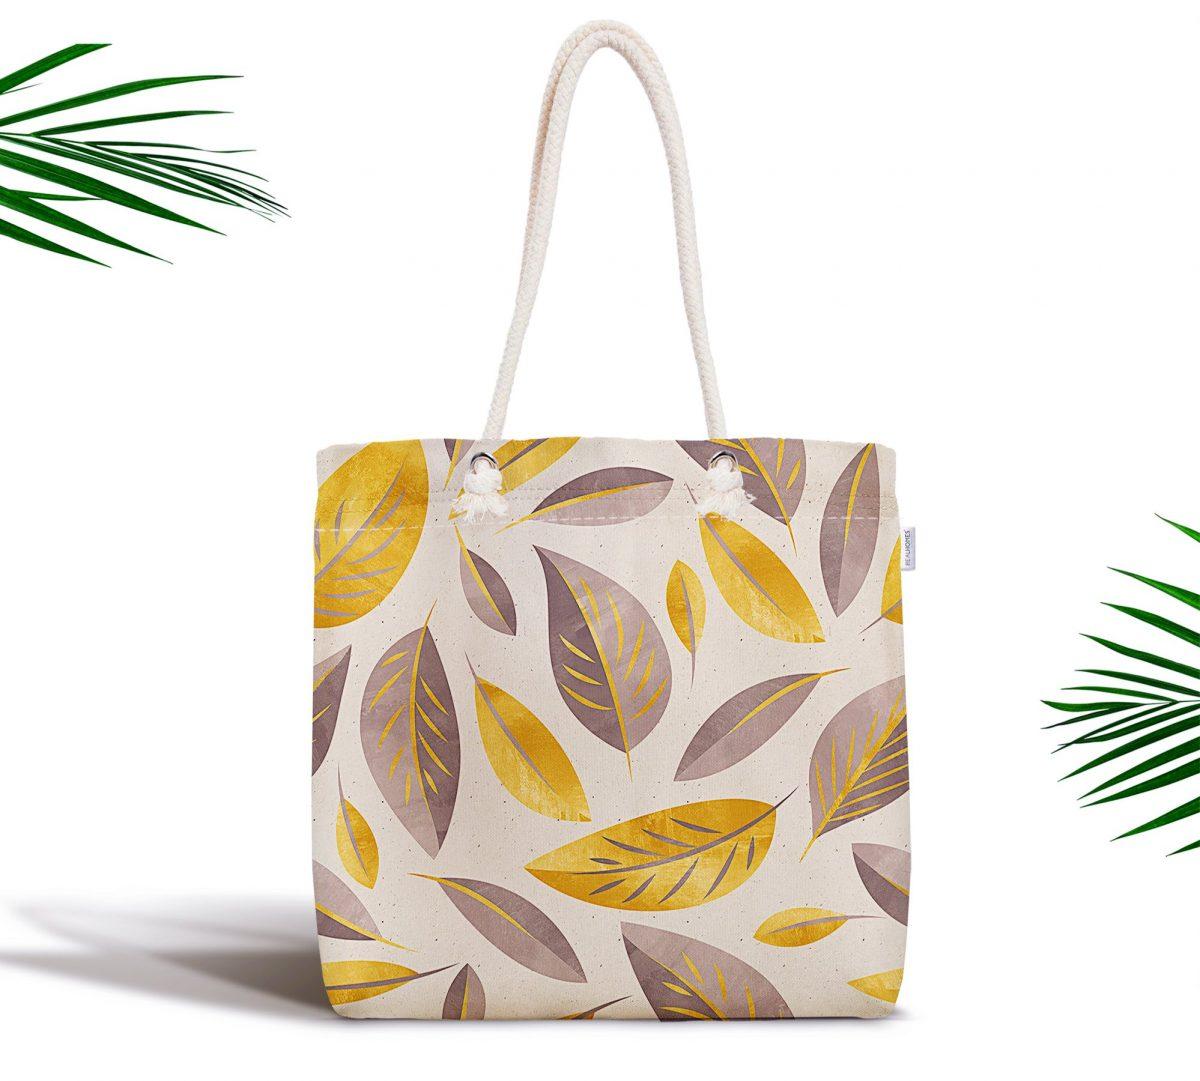 Renkli Sonbahar Yaprakları Özel Tasarımlı Modern Fermuarlı Kumaş Çanta Realhomes